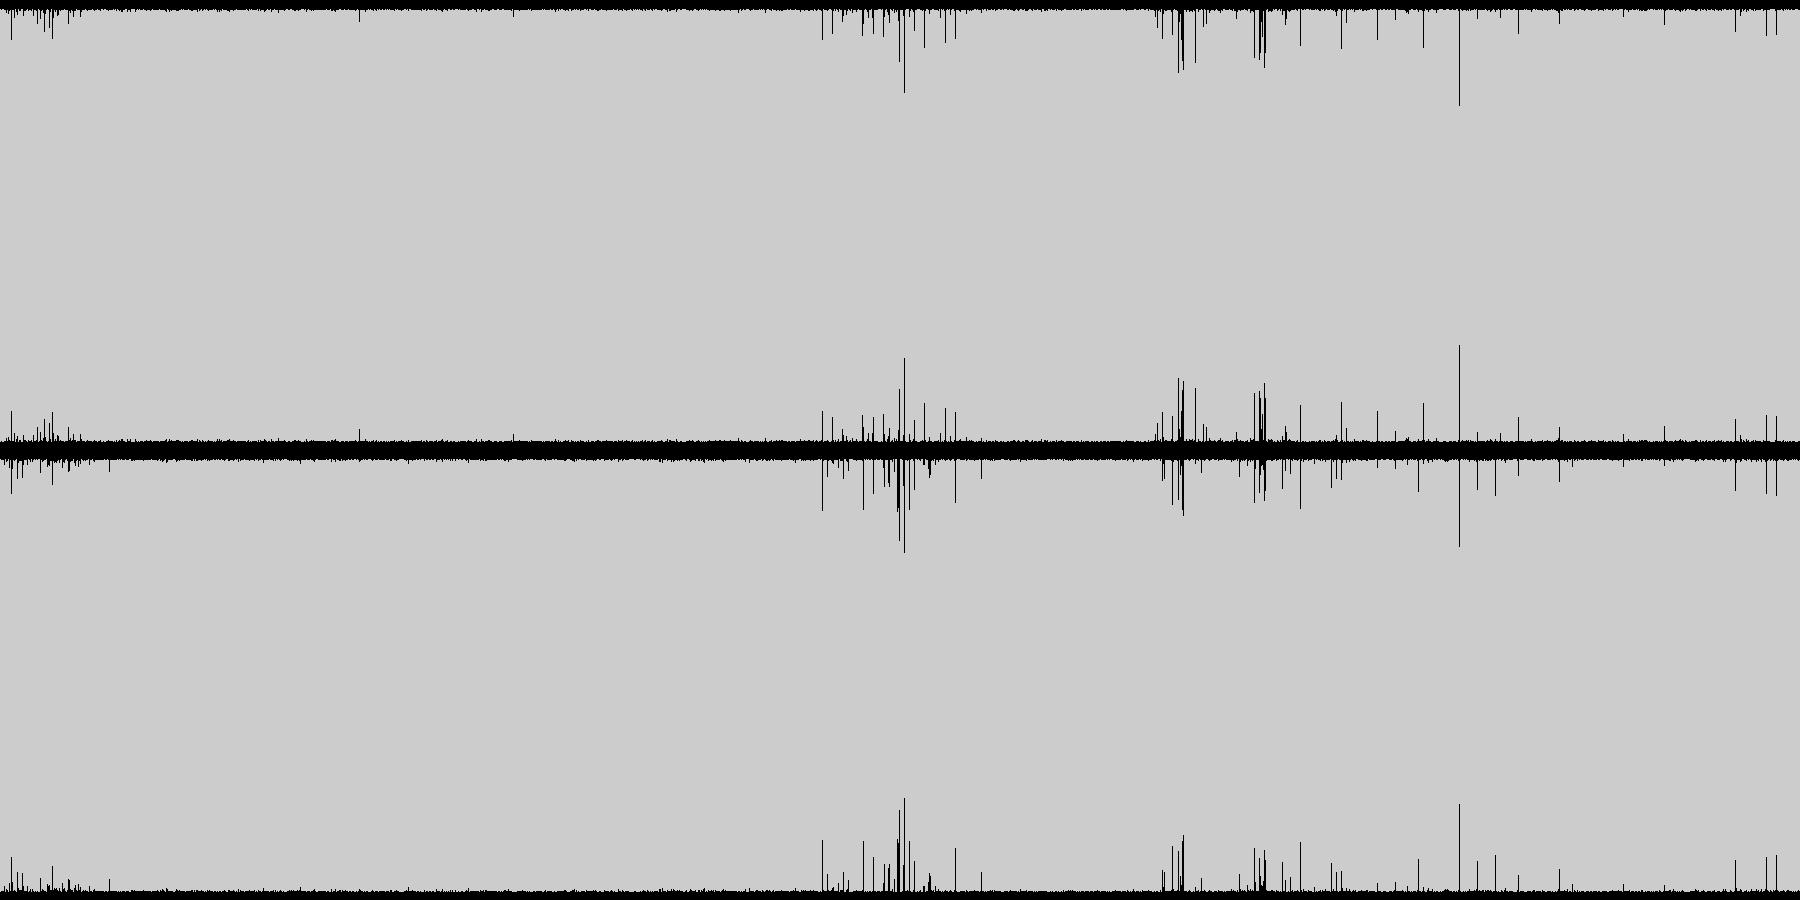 戦闘シーンに適したトランス・EDMループの未再生の波形